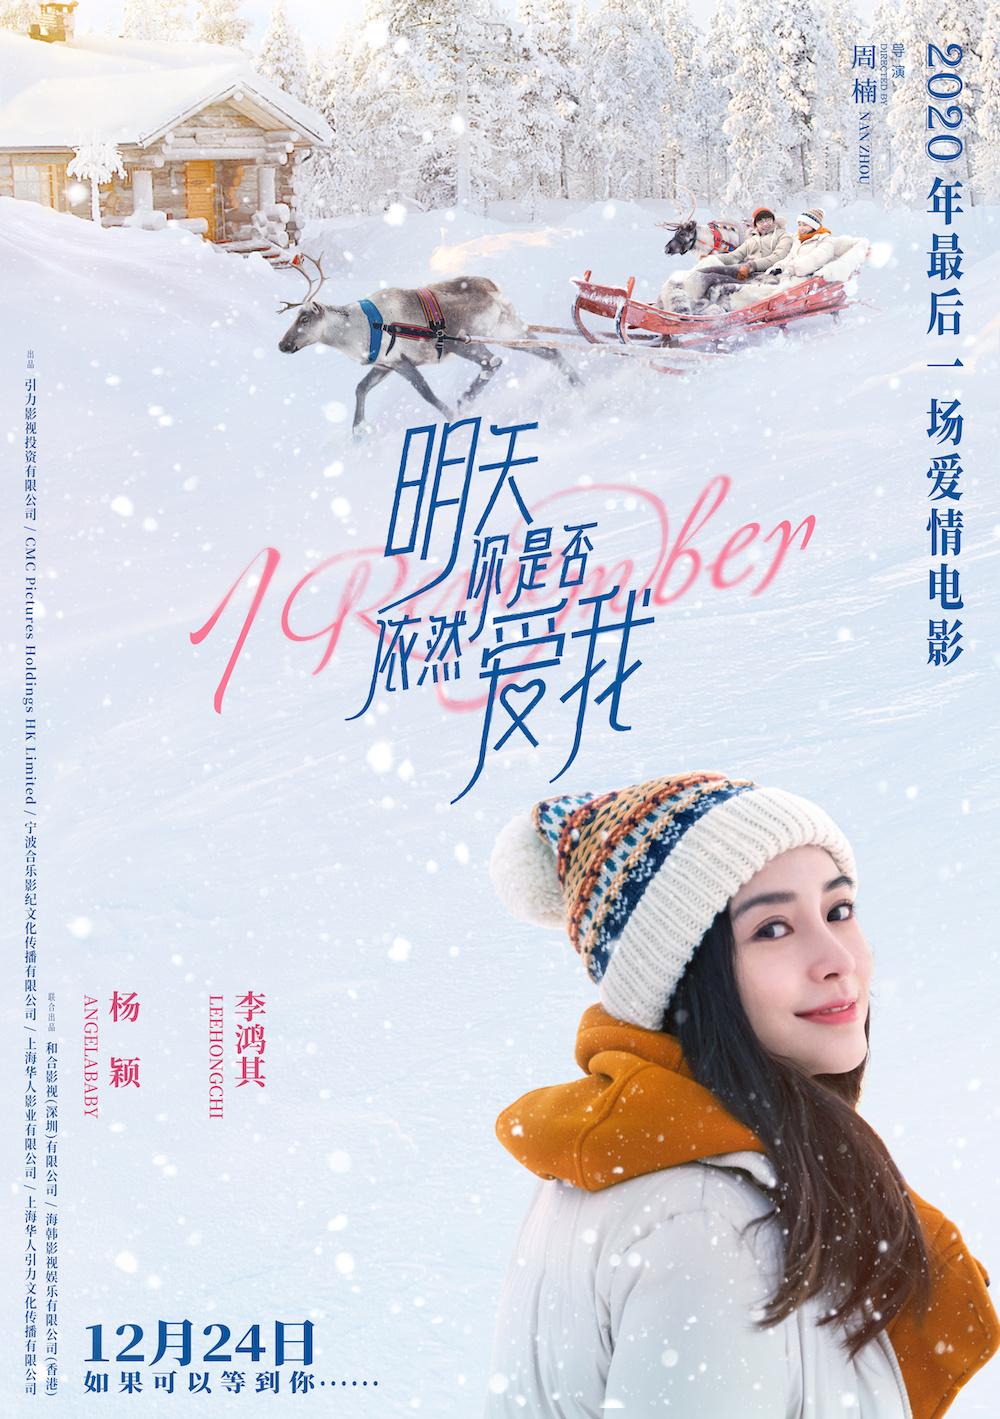 《明日你是否仍然爱我》曝新海报 杨颖甜恋李鸿其